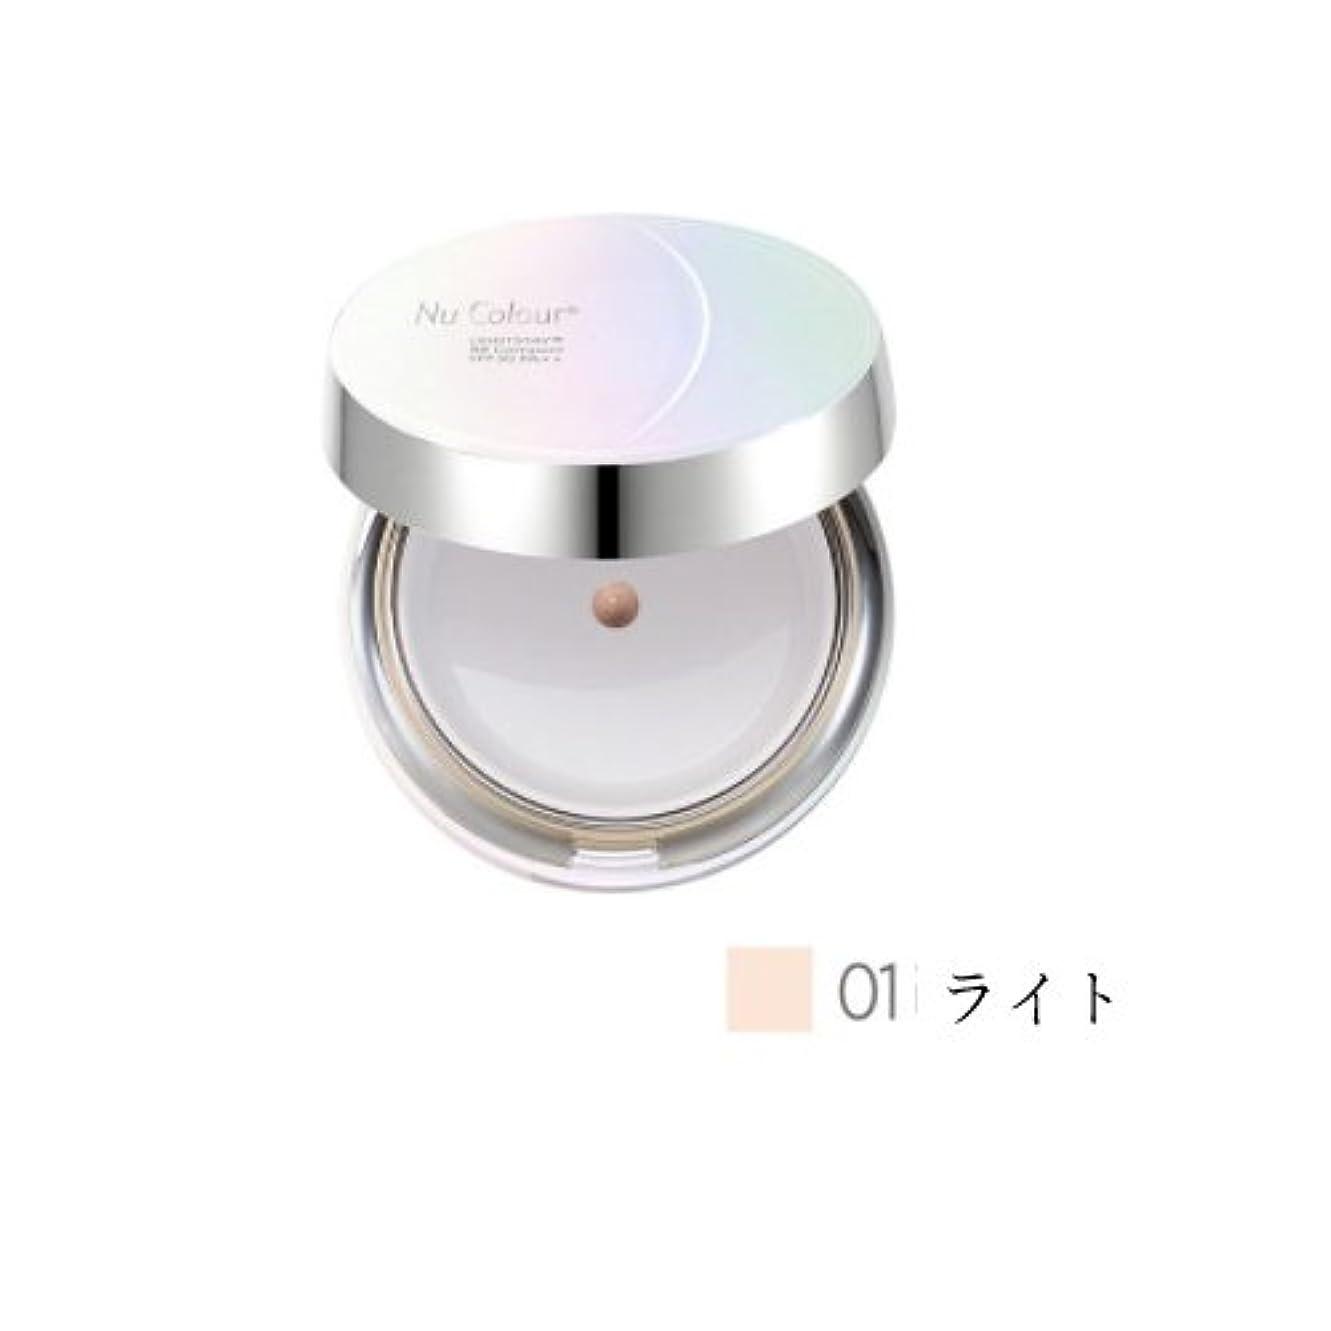 習熟度知らせる追い越すニュースキン ライトステイビビコンパクトSPF30 PA++01ライト BB Compact 01 Light [並行輸入品]